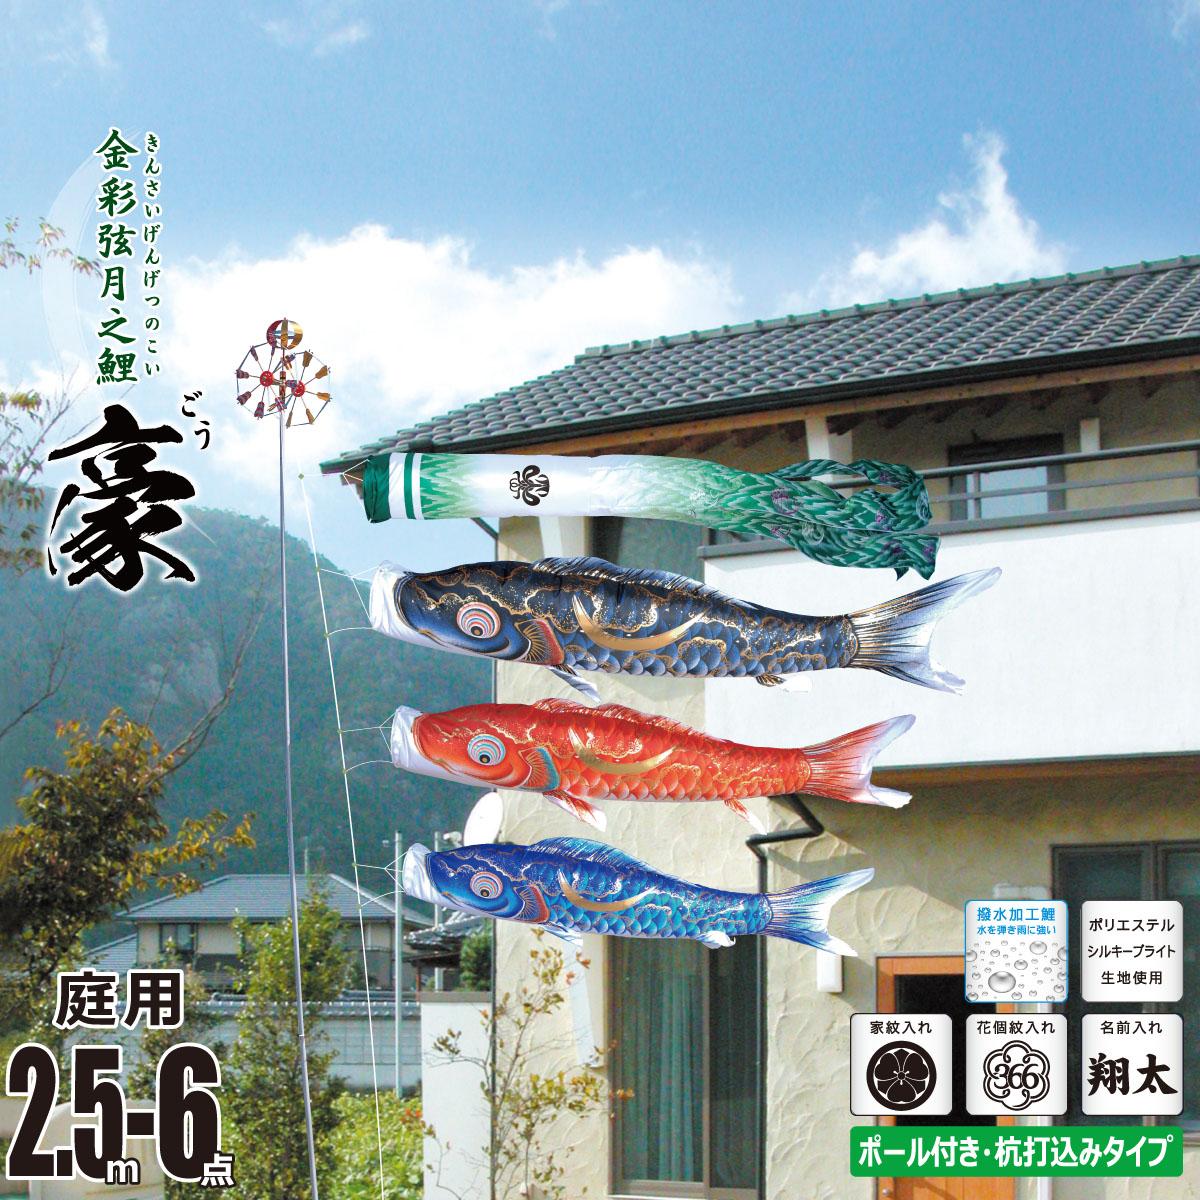 こいのぼり 2.5m 豪(ごう) 6点 (矢車、ロープ、吹流し、鯉3匹) 庭園用 ガーデンセット (専用ポール一式) 徳永鯉のぼり KIT-118-319